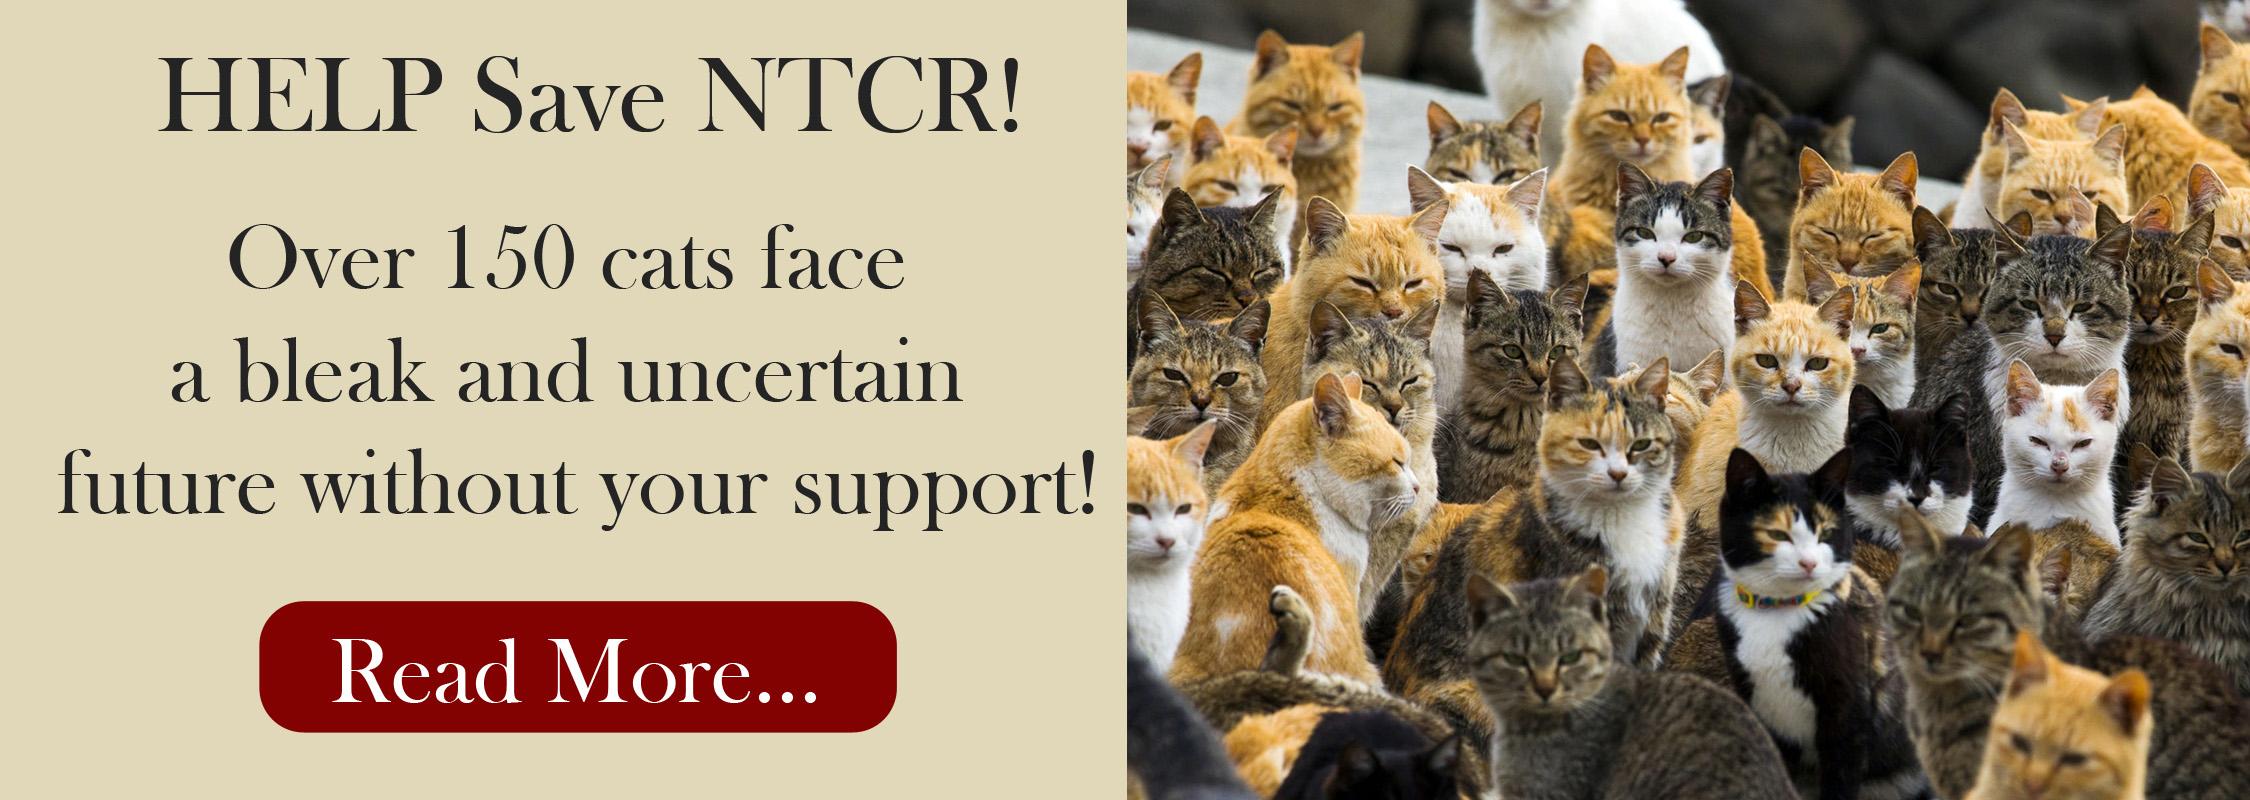 Save NTCR!